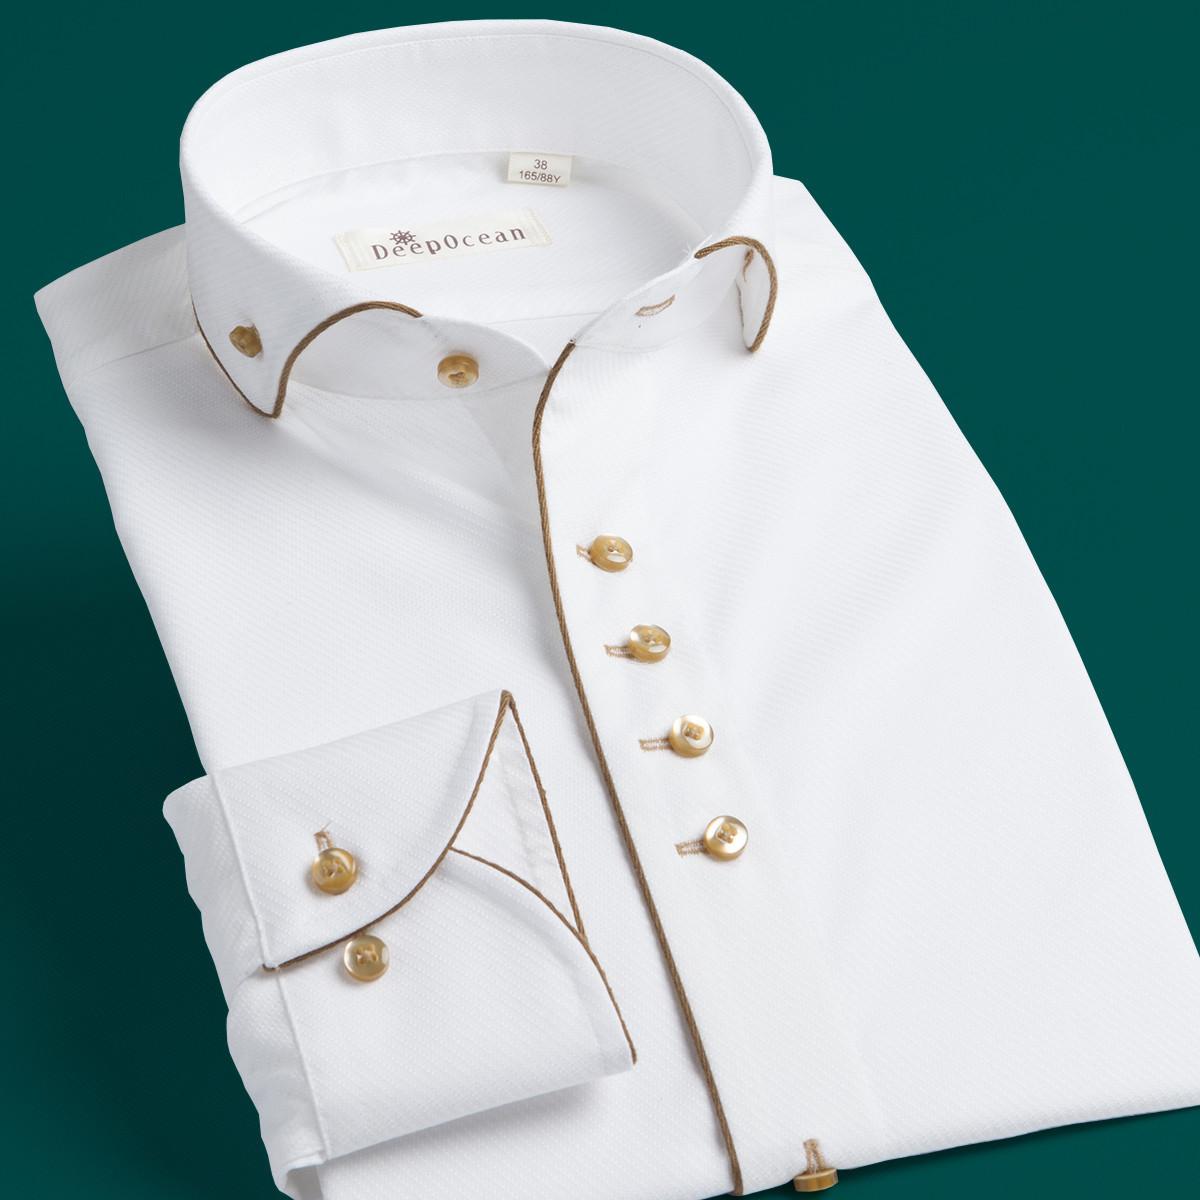 男士修身衬衫 复古温莎领白衬衫男士长袖商务绅士修身英伦宫廷礼服衬衣法式立领_推荐淘宝好看的男修身衬衫